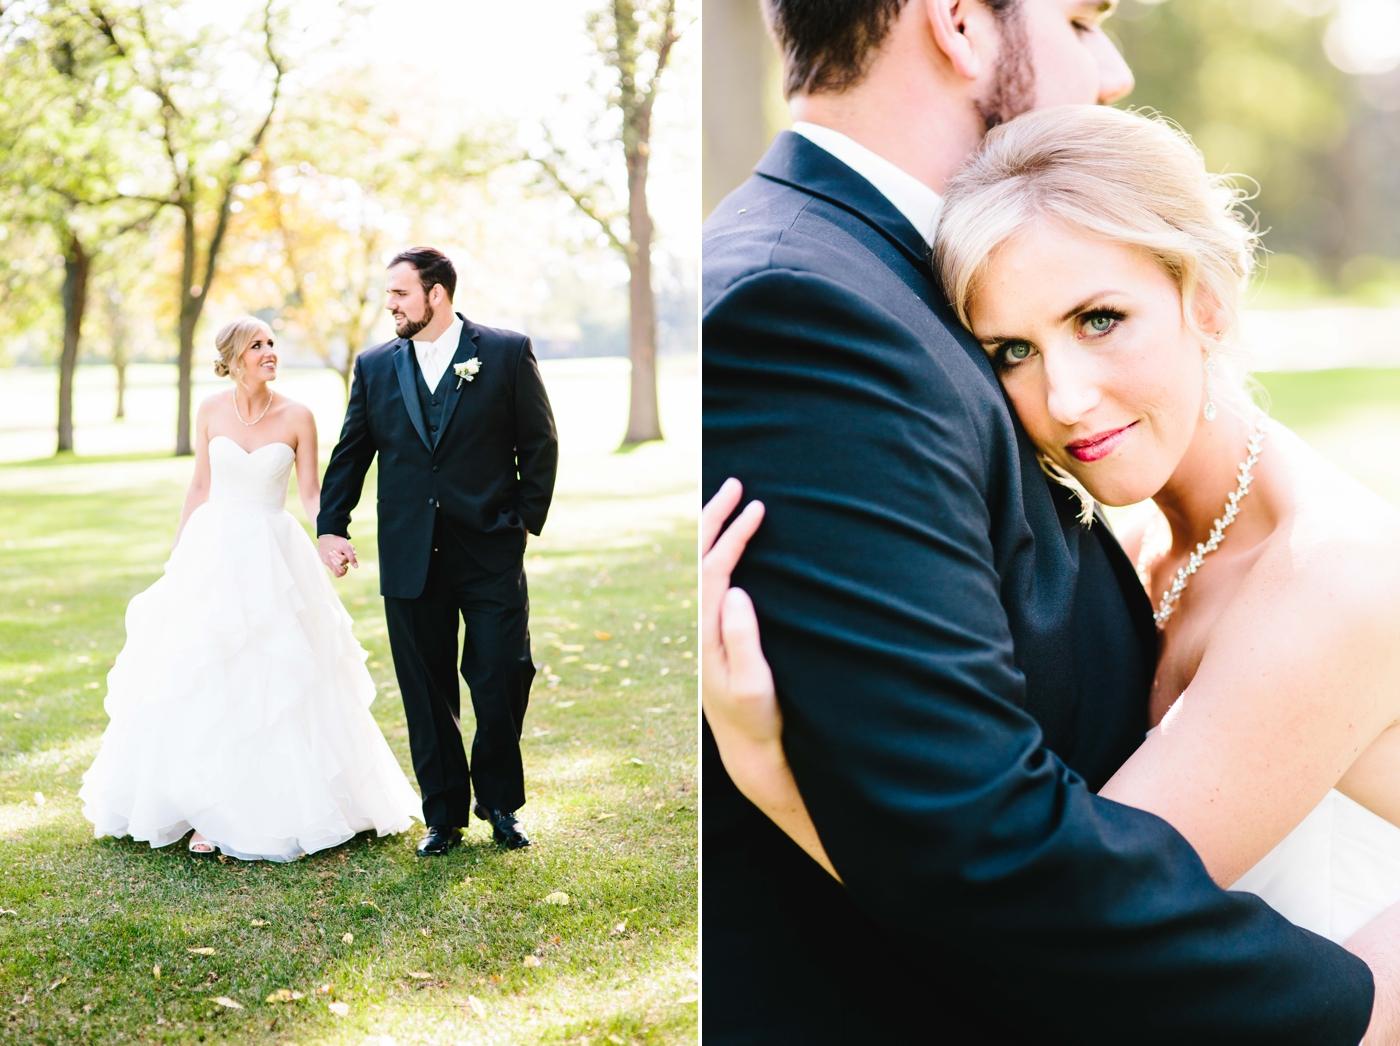 chicago-fine-art-wedding-photography-deiters11